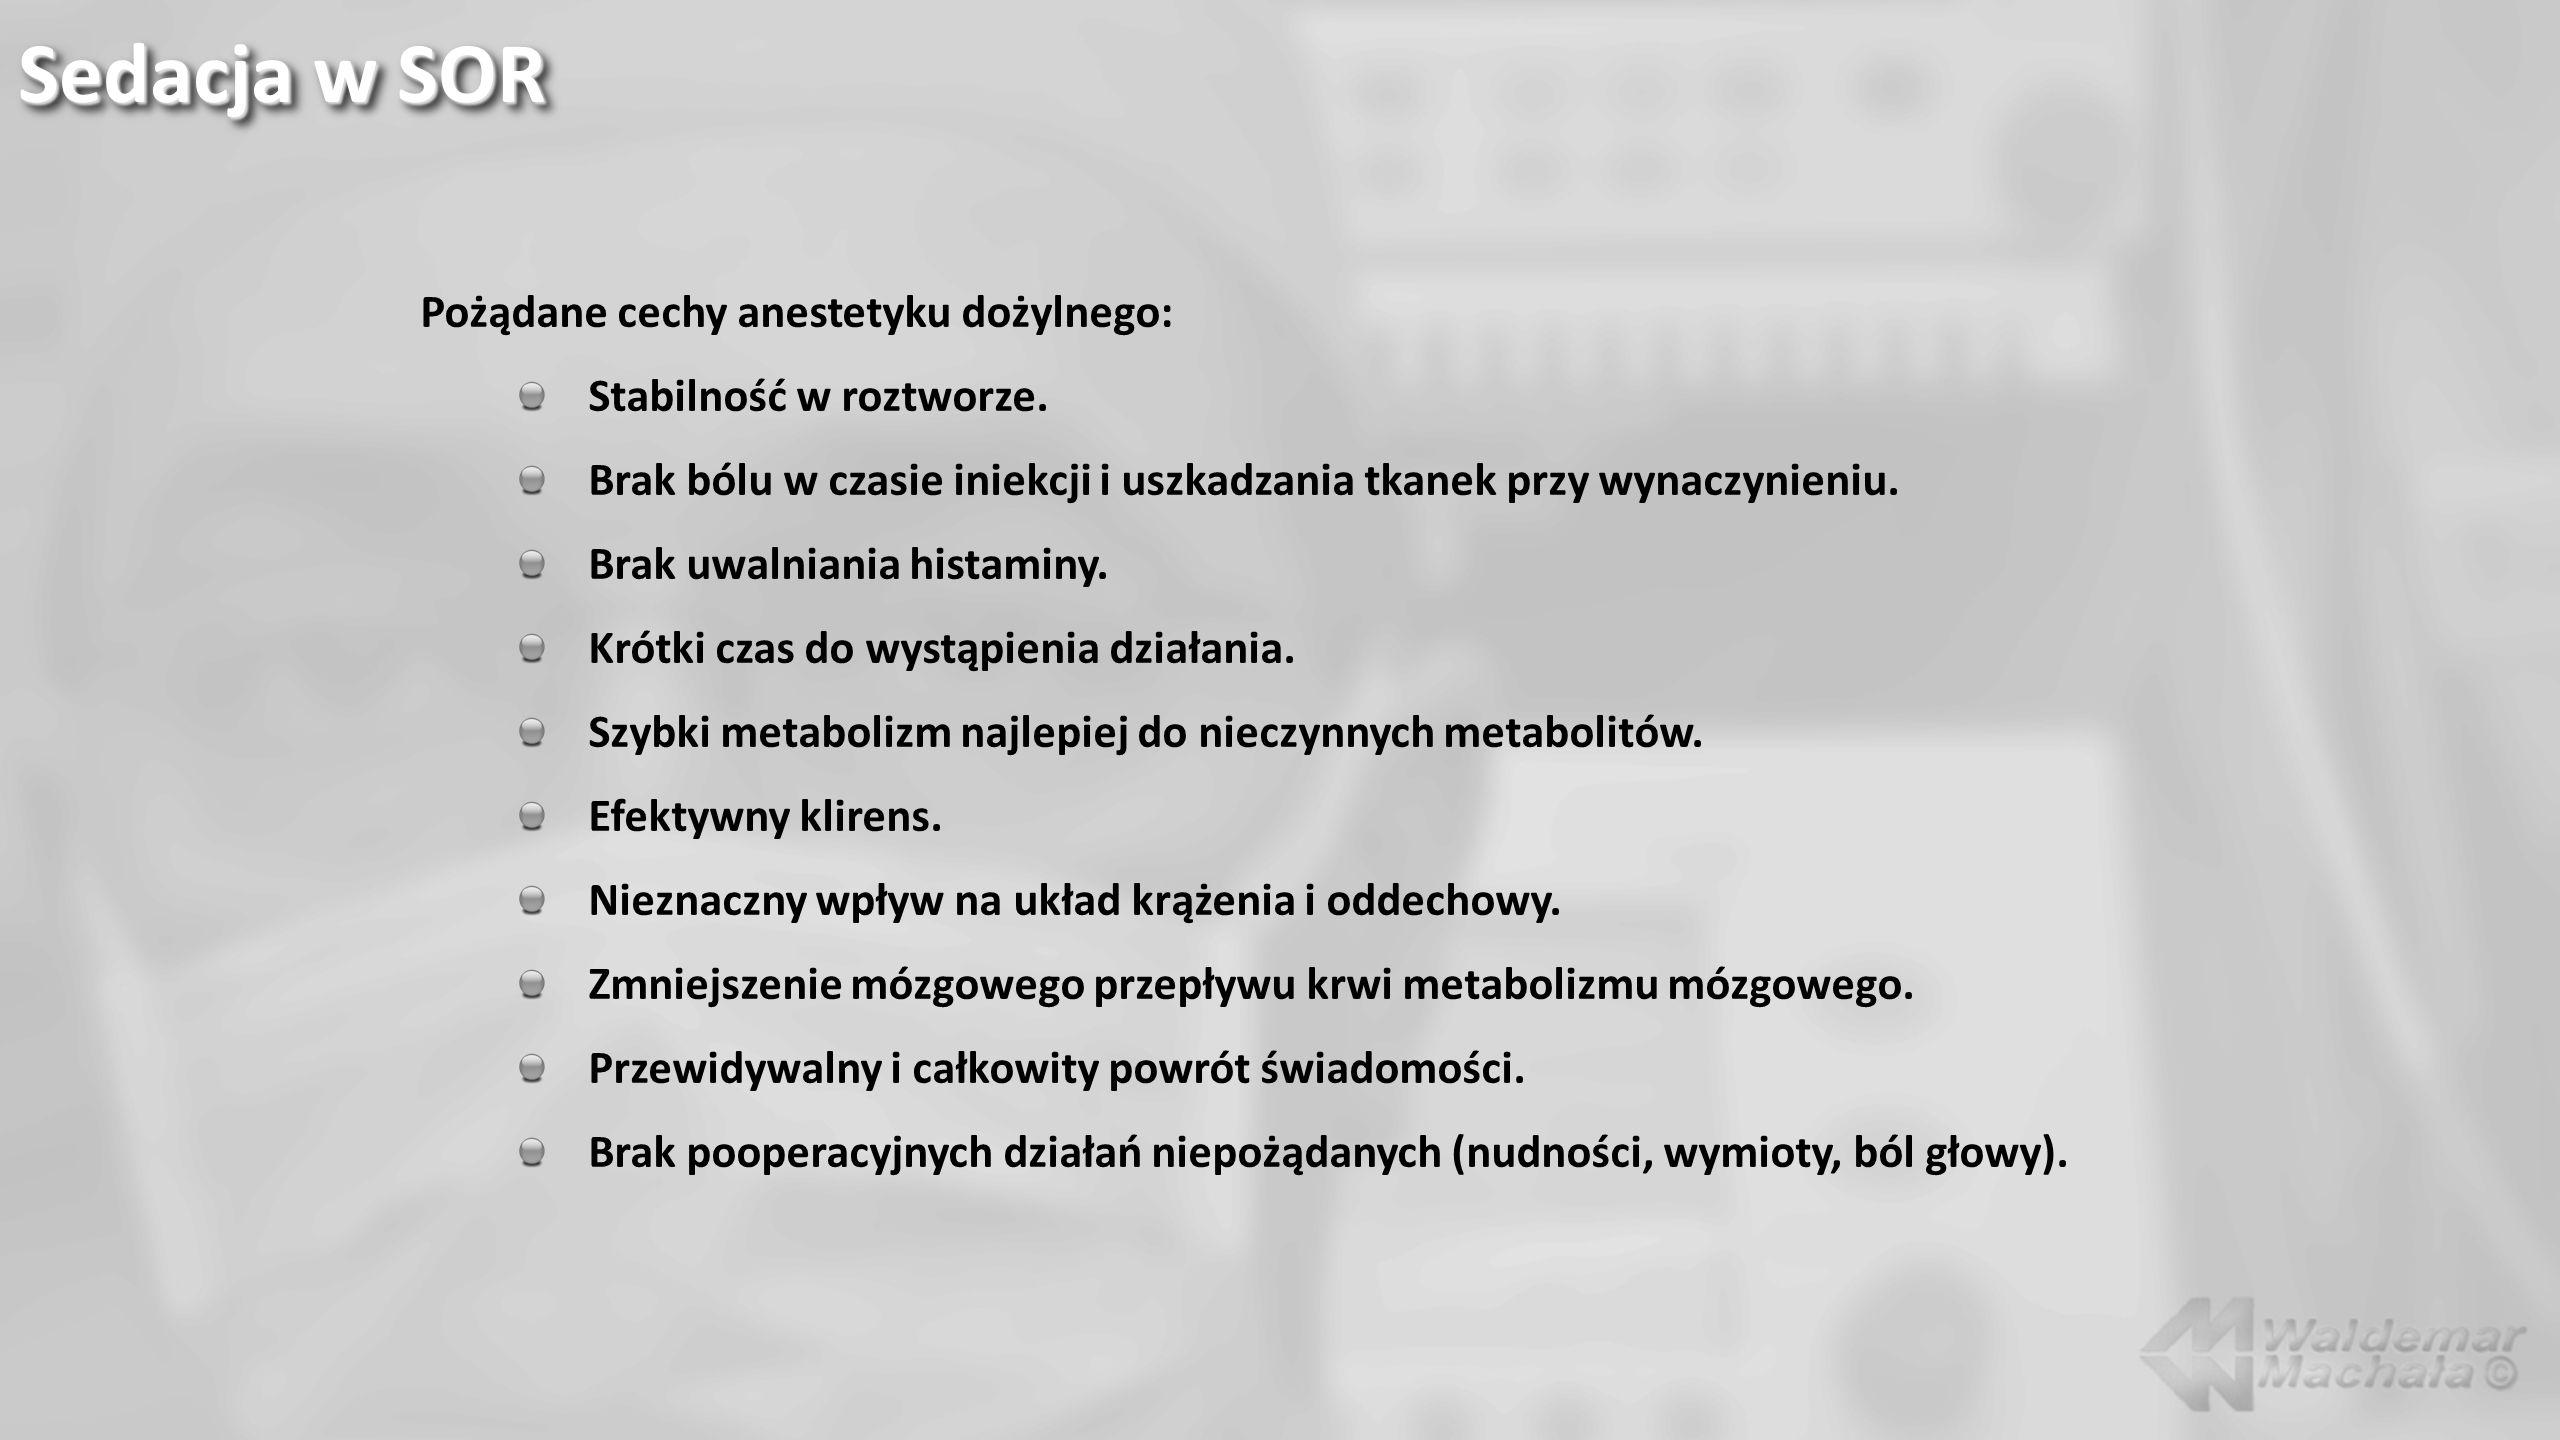 Sedacja w SOR Pożądane cechy anestetyku dożylnego: Stabilność w roztworze. Brak bólu w czasie iniekcji i uszkadzania tkanek przy wynaczynieniu. Brak u